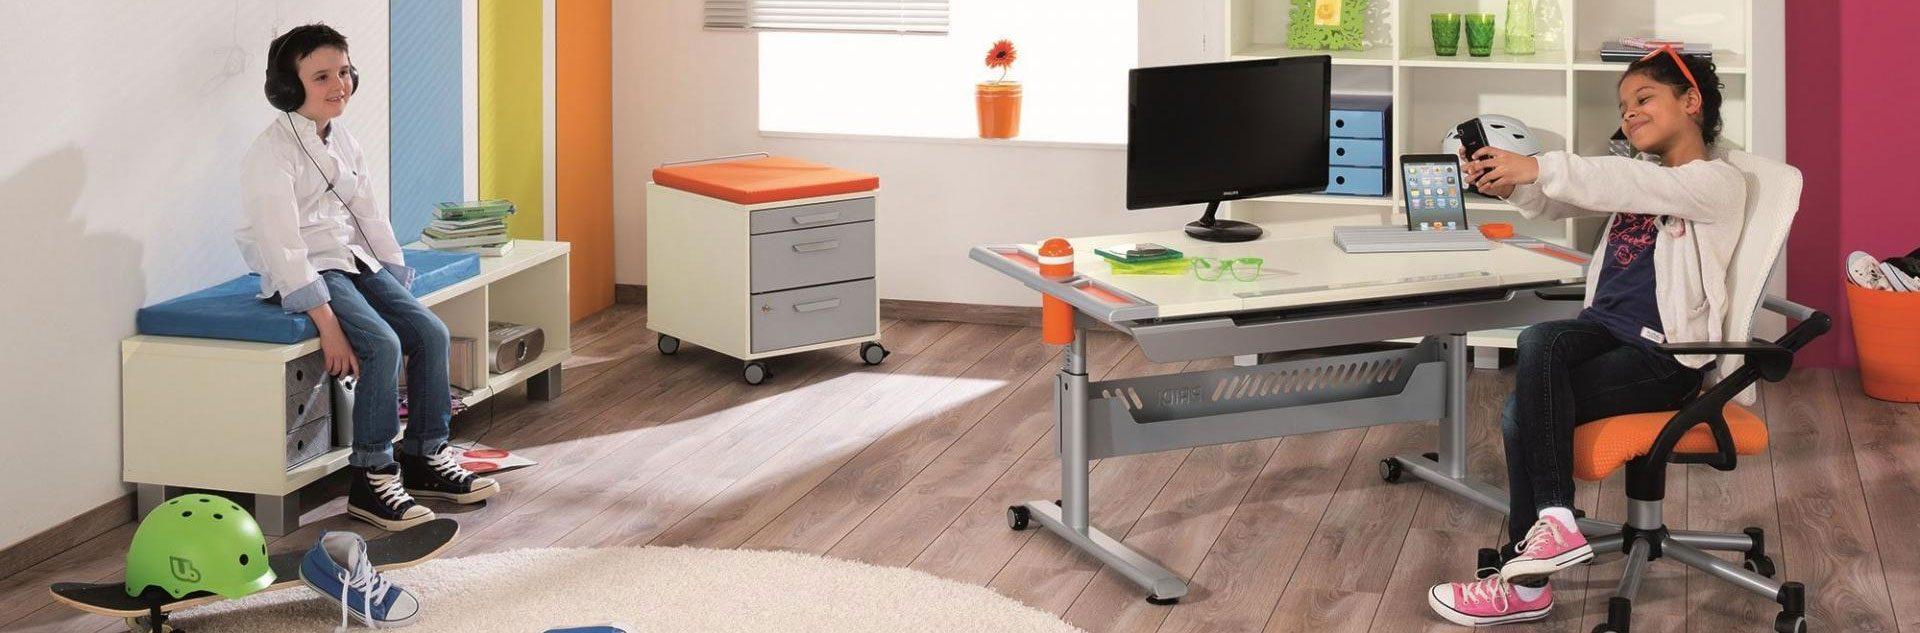 Dětský pokoj a rostoucí nábytek ABAT